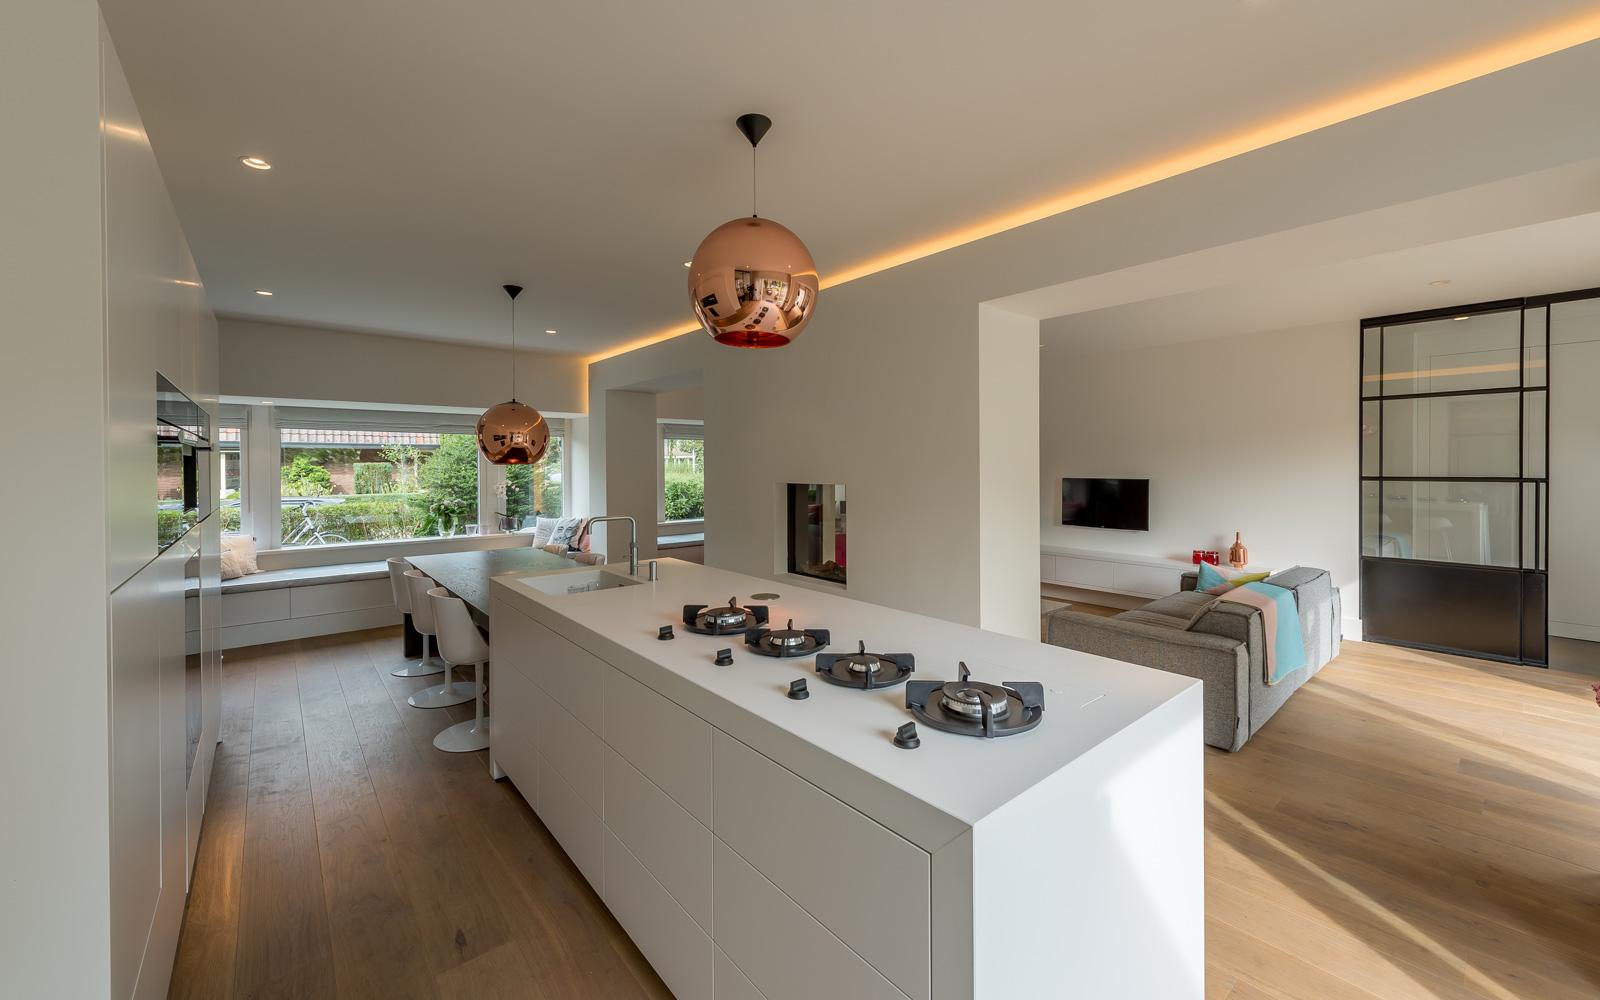 Ronald Beerdsen Interieurbouw is verantwoordelijk voor het volledige interieur, zo ook de keuken